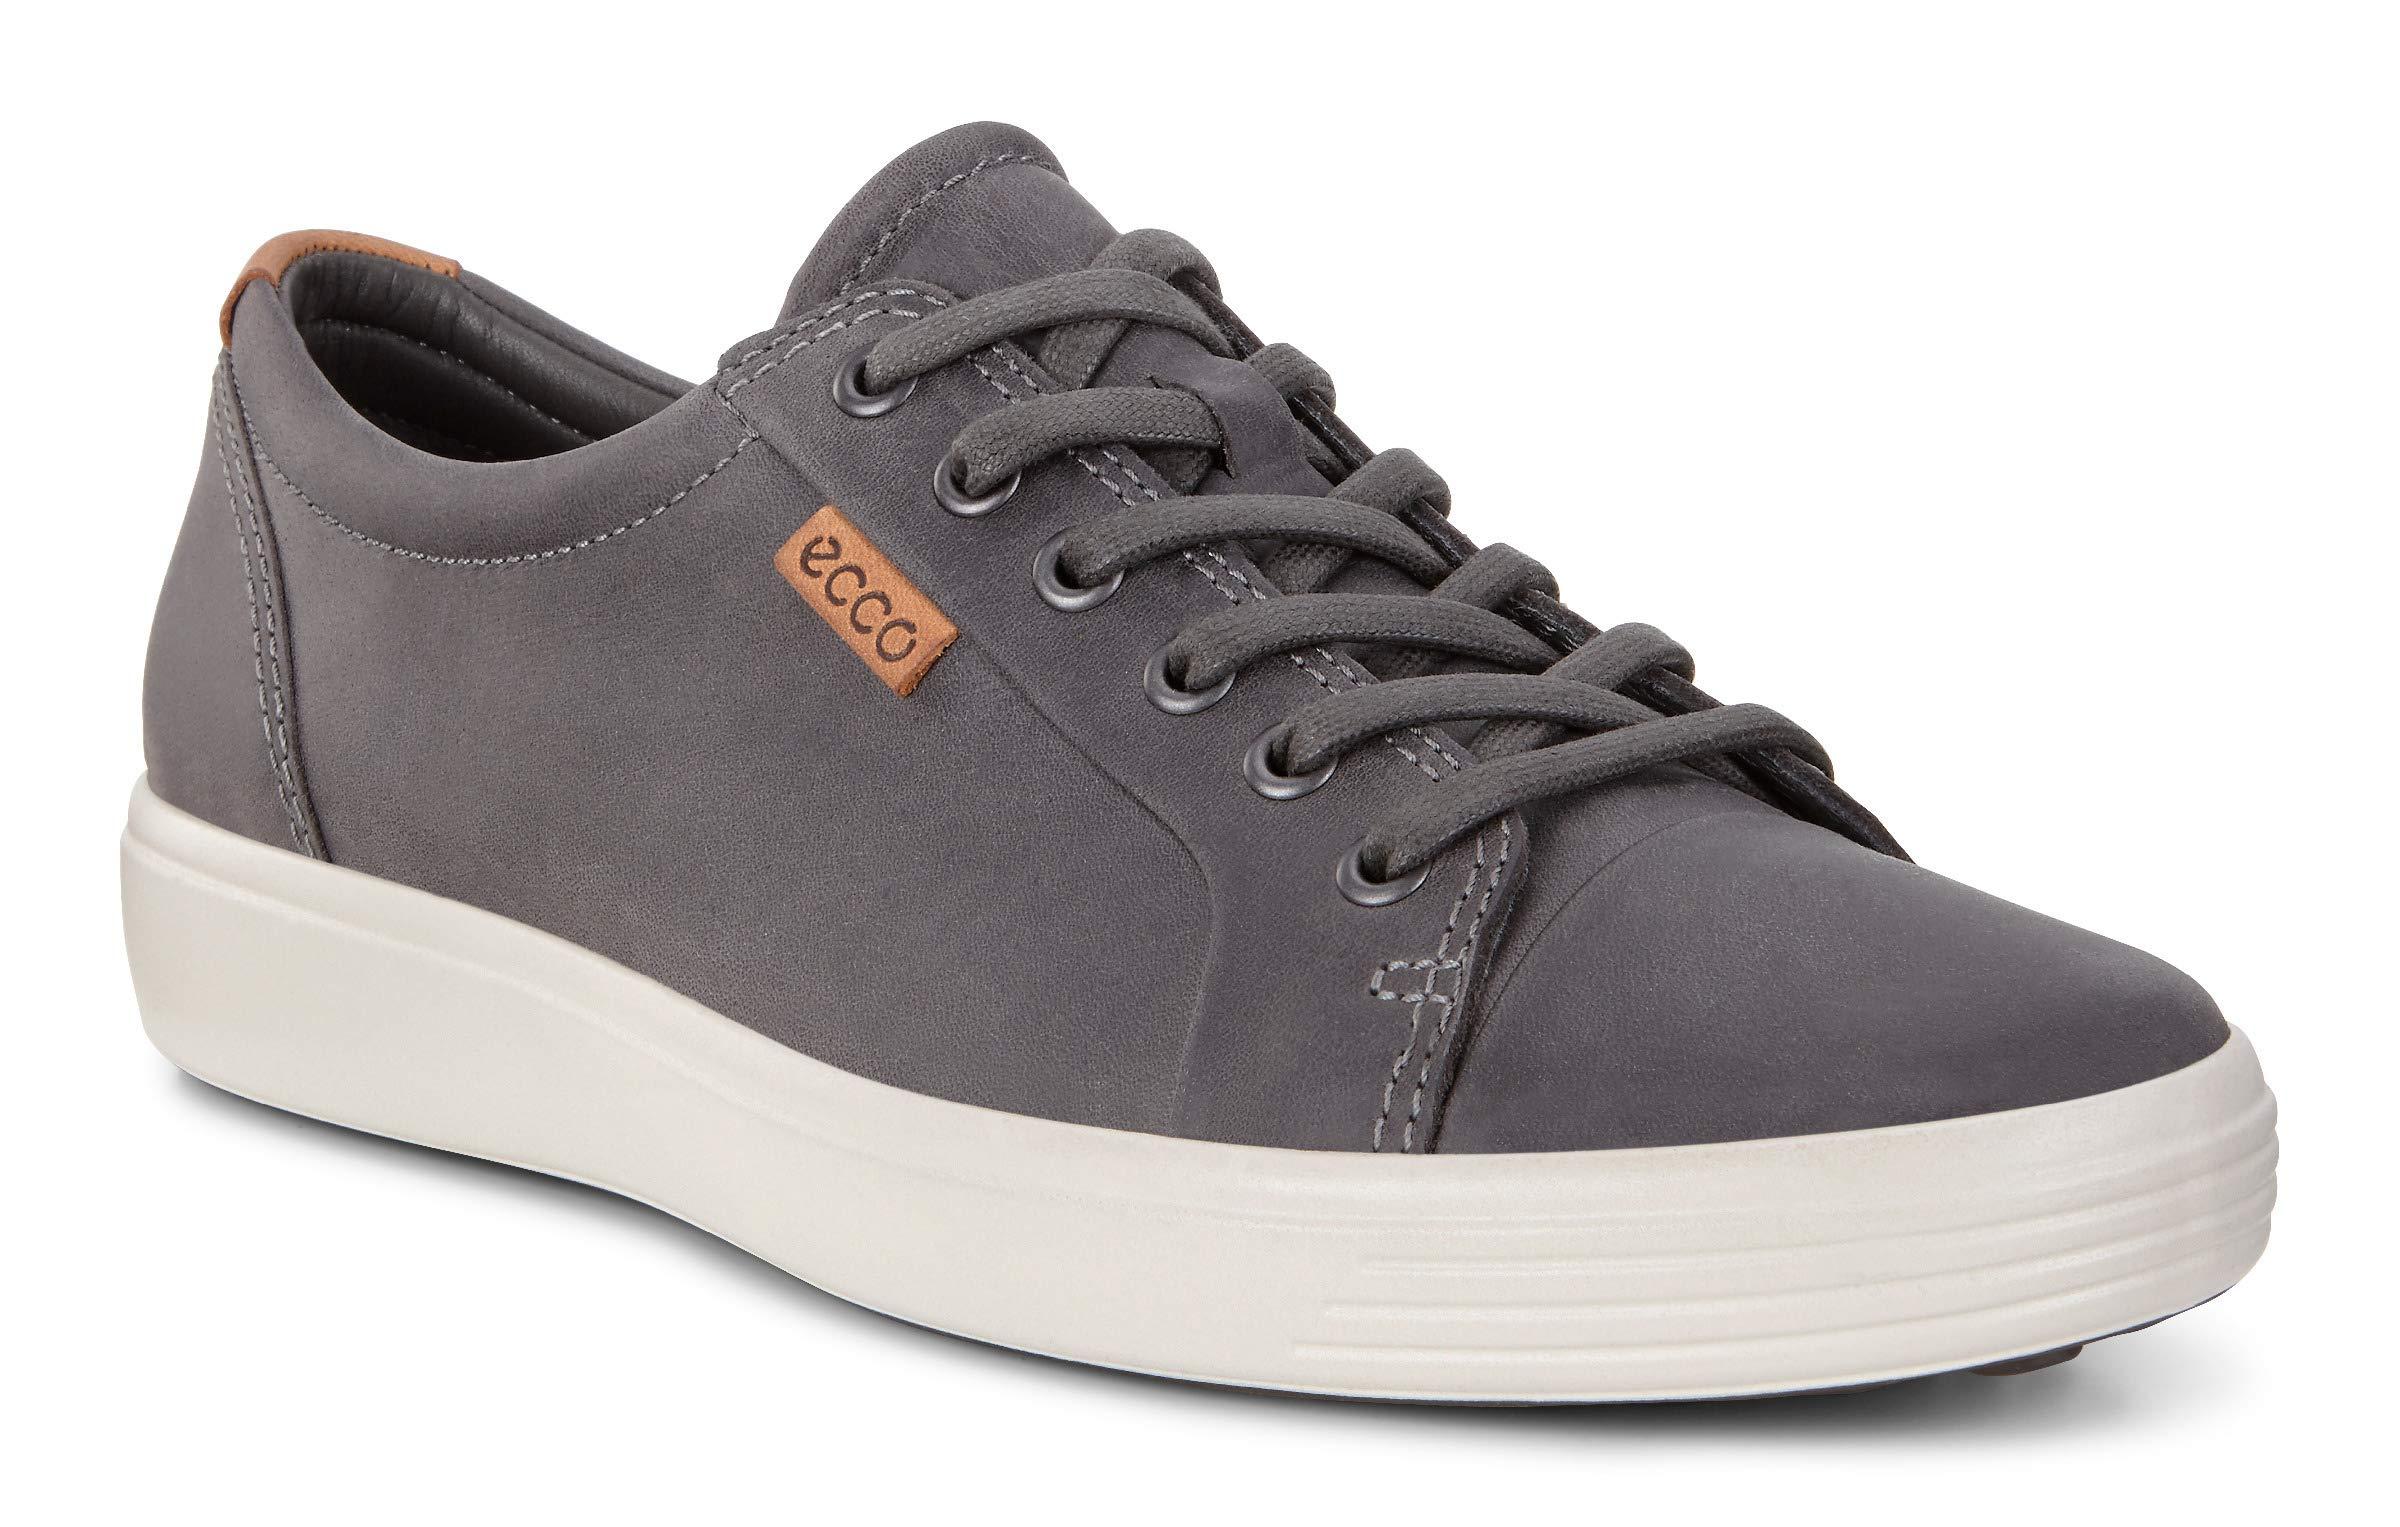 ECCO Sneaker Titanium Nubuck 10 10 5